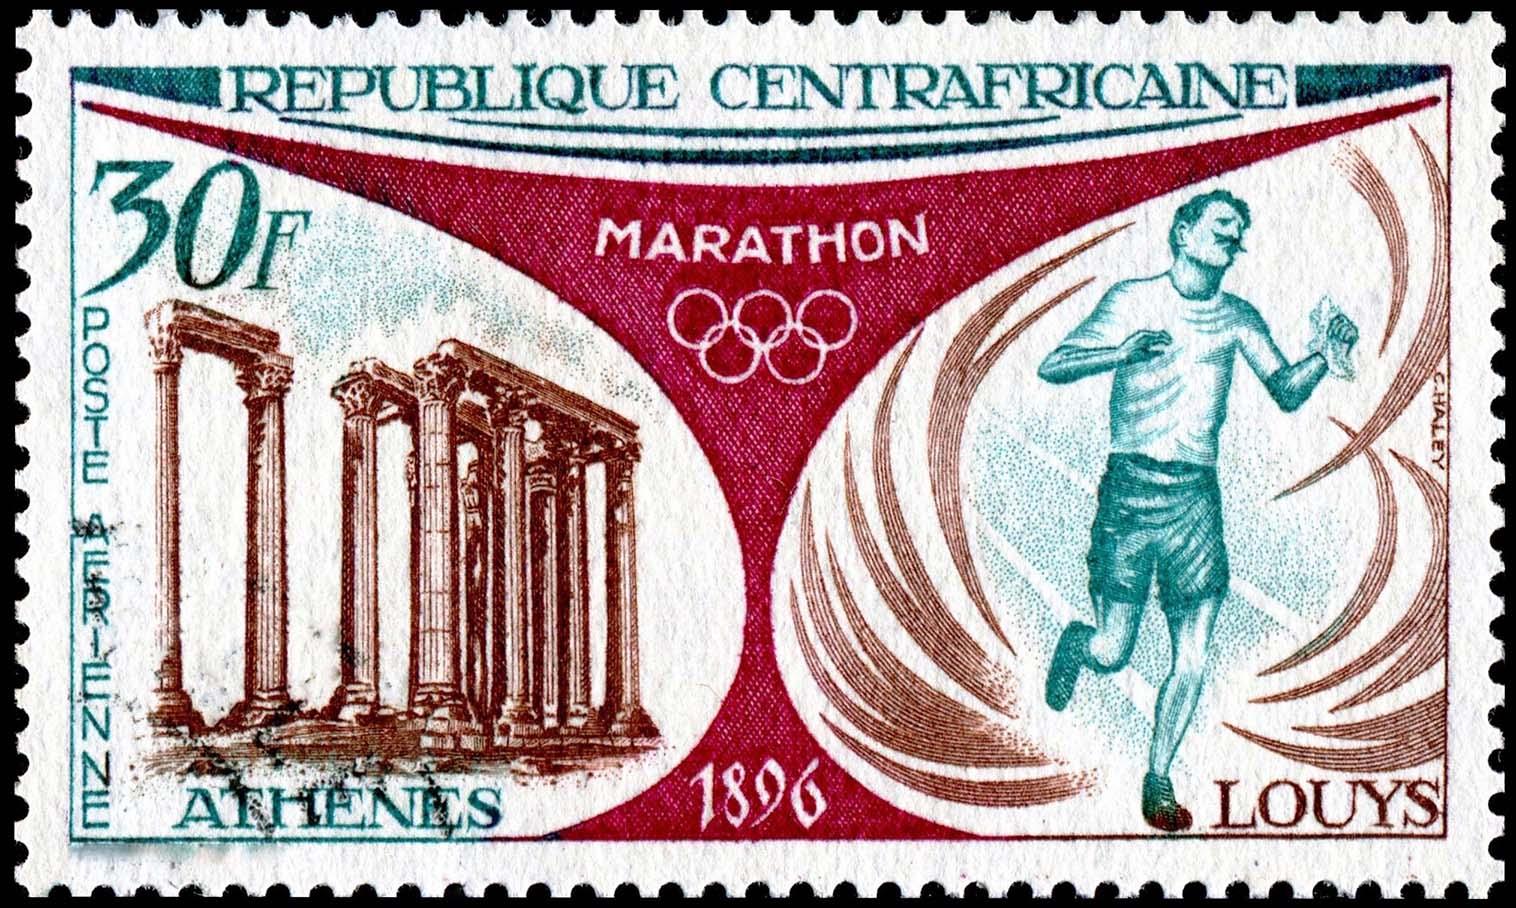 γραμματόσημο για τους Ολυπιακούς αγώνες του 1896